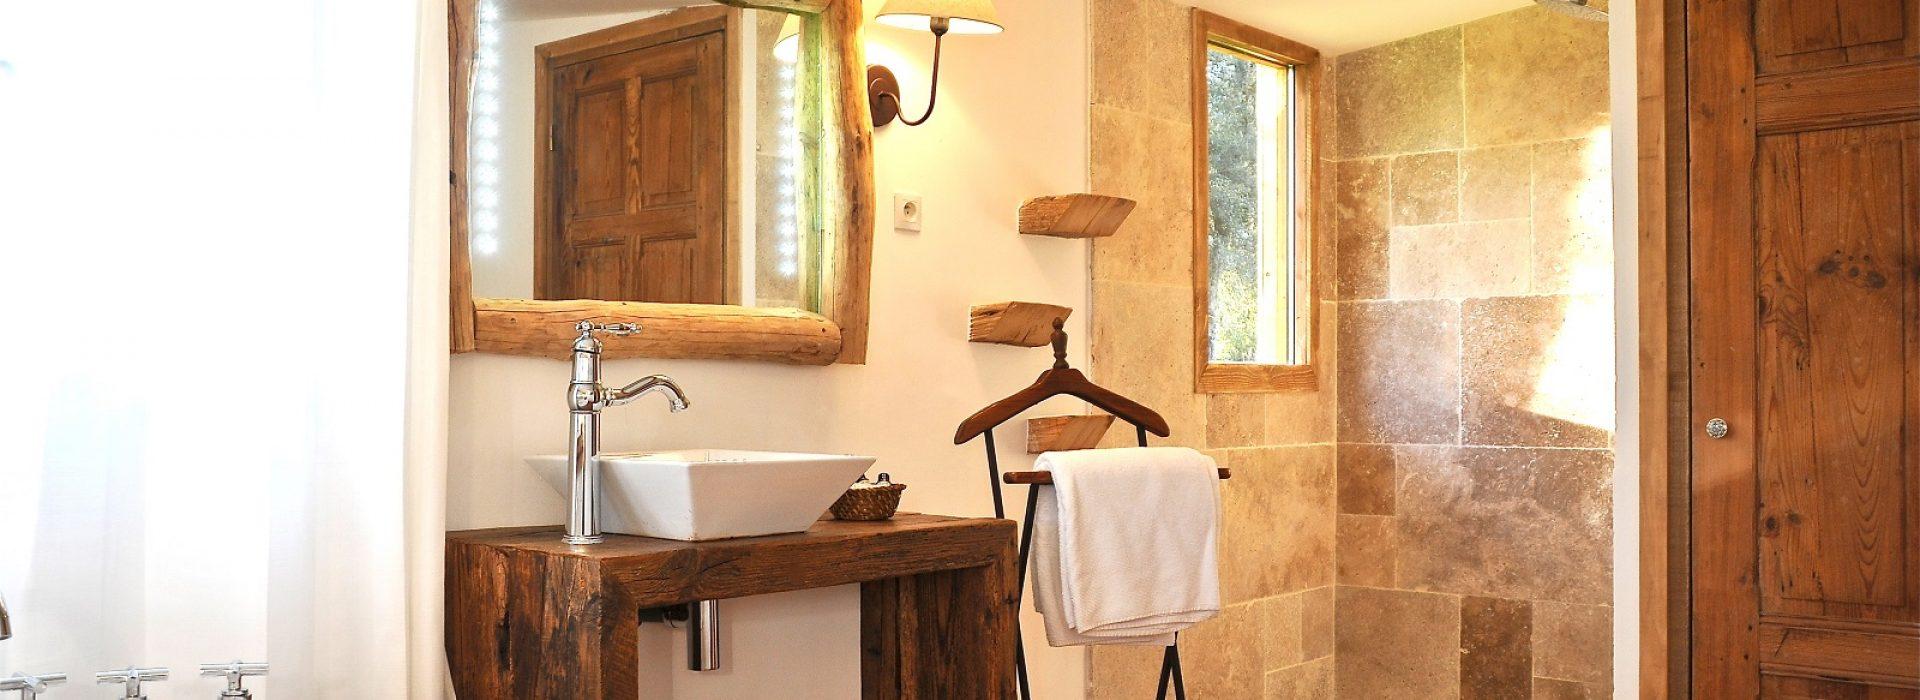 Salle de bain dans le gîte